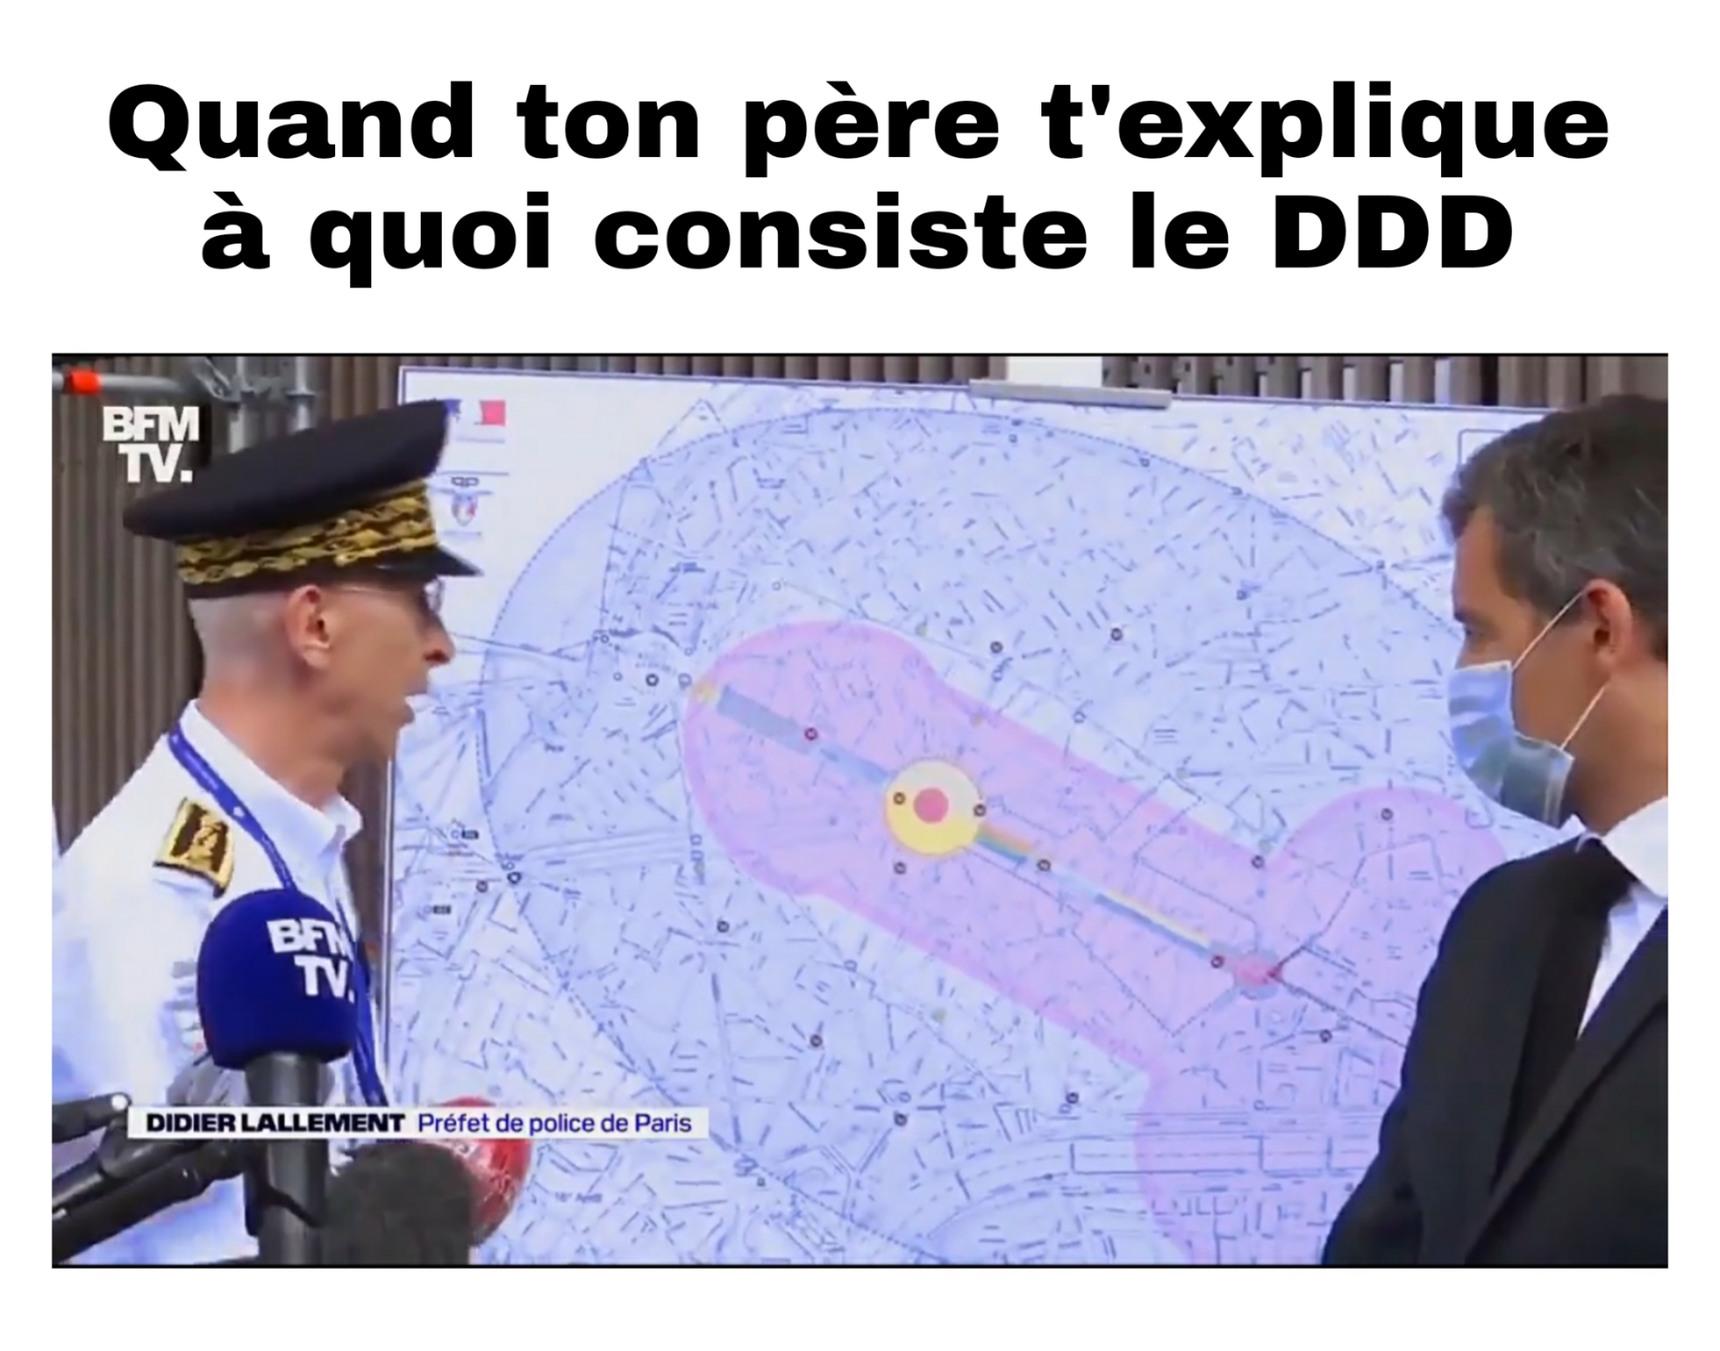 Préparatifs du DDD (quelque part dans le Nord de la France) - meme